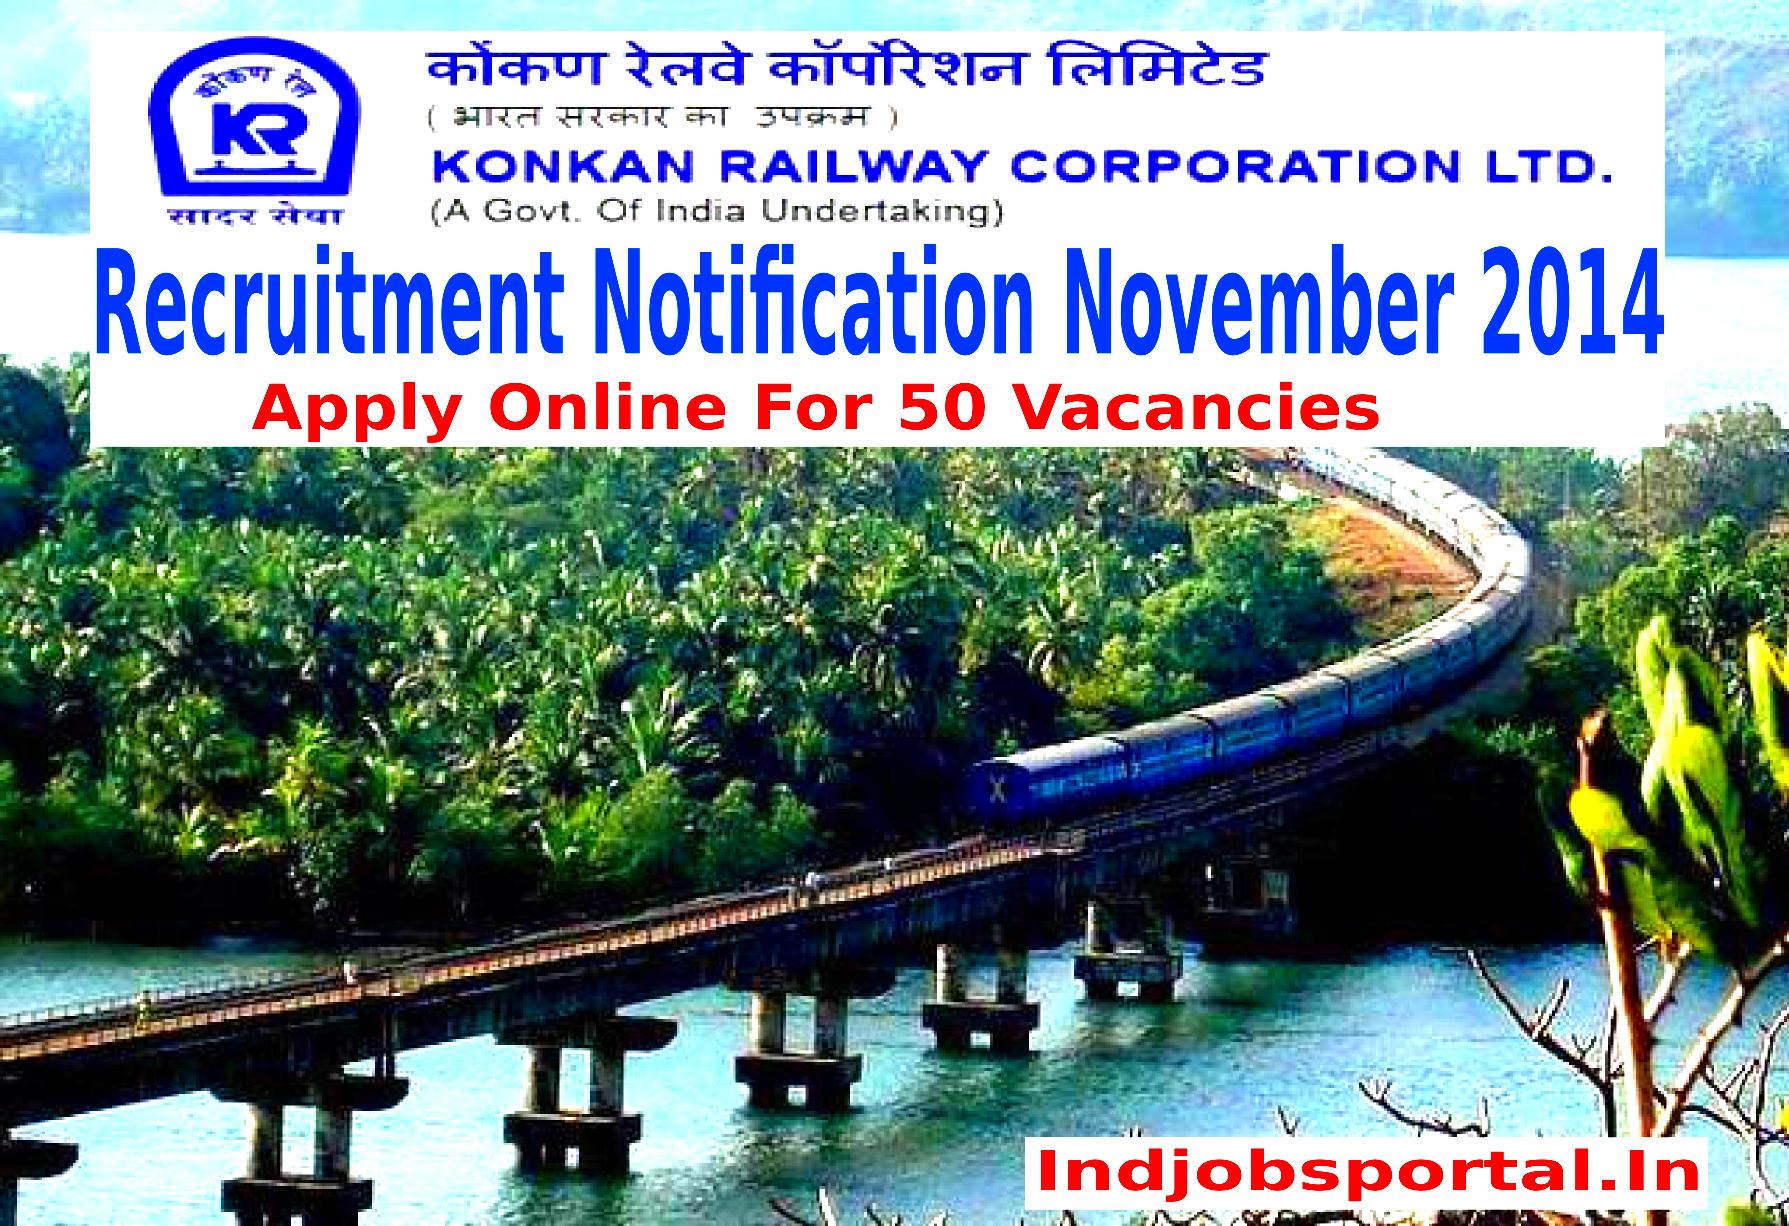 Konkan Railway Recruitment 2014 for Lowest Categories vacancy